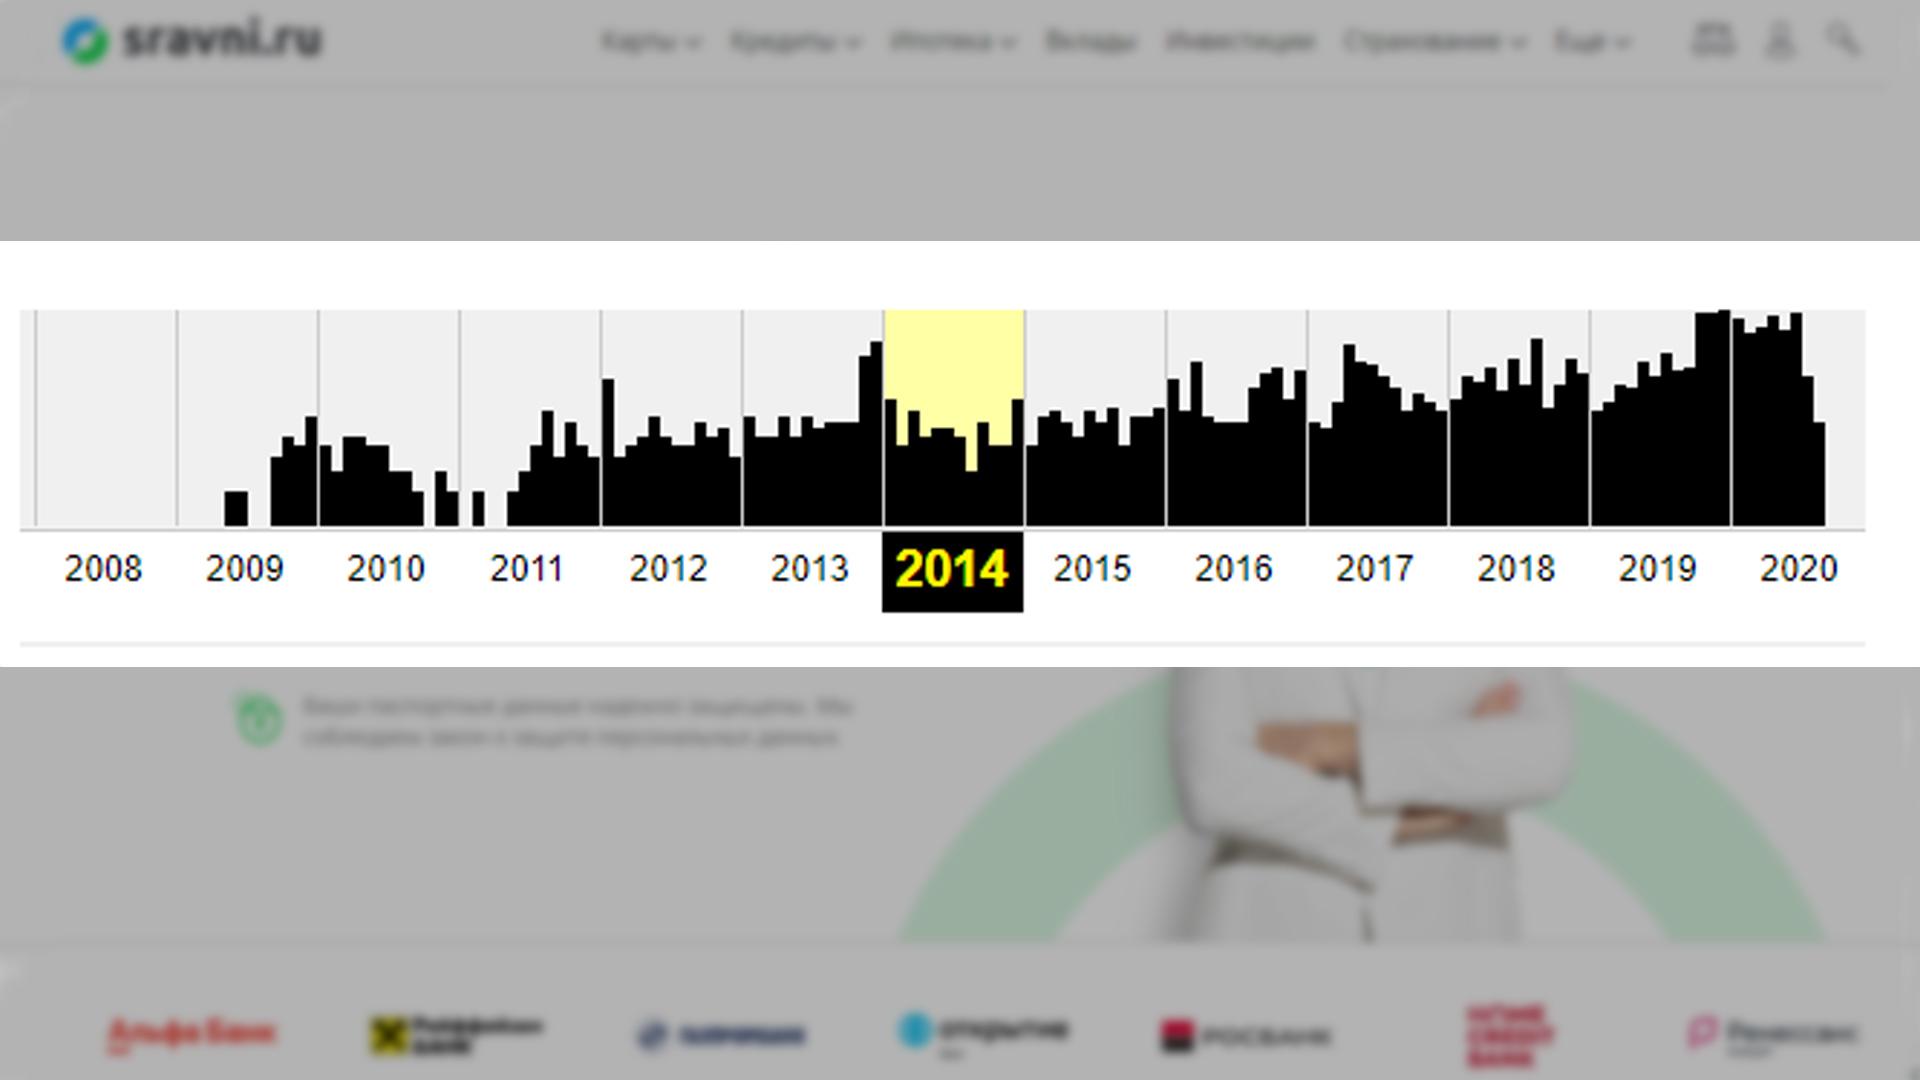 График роста аудитории сайта sravni.ru по годам.